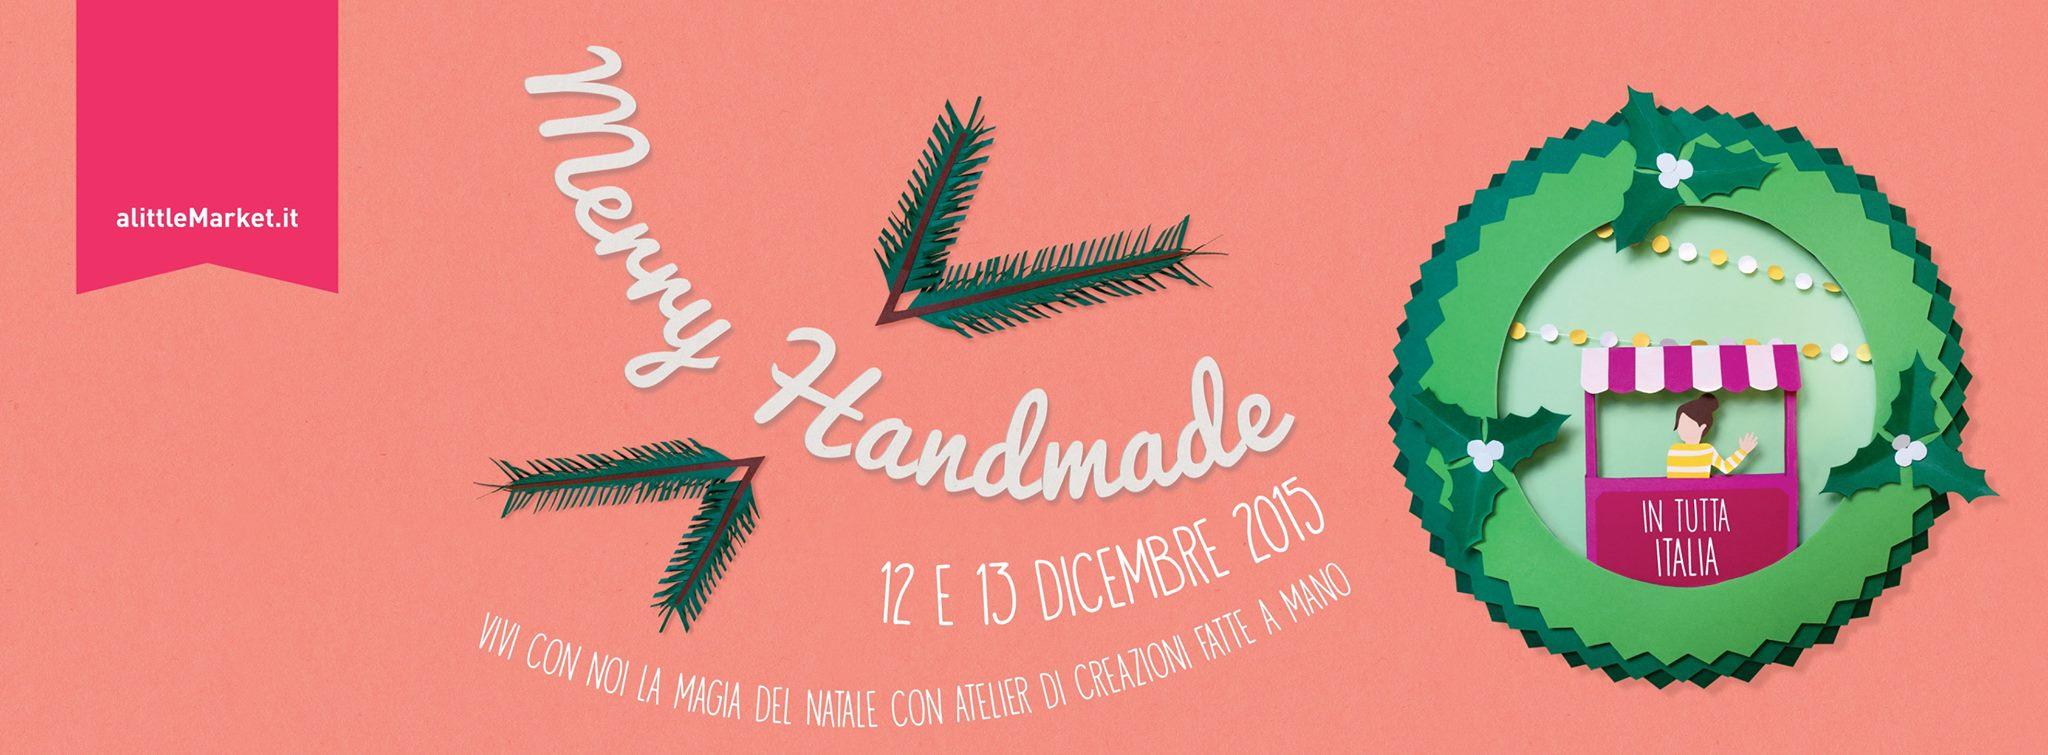 merry-handmade_natale_2015